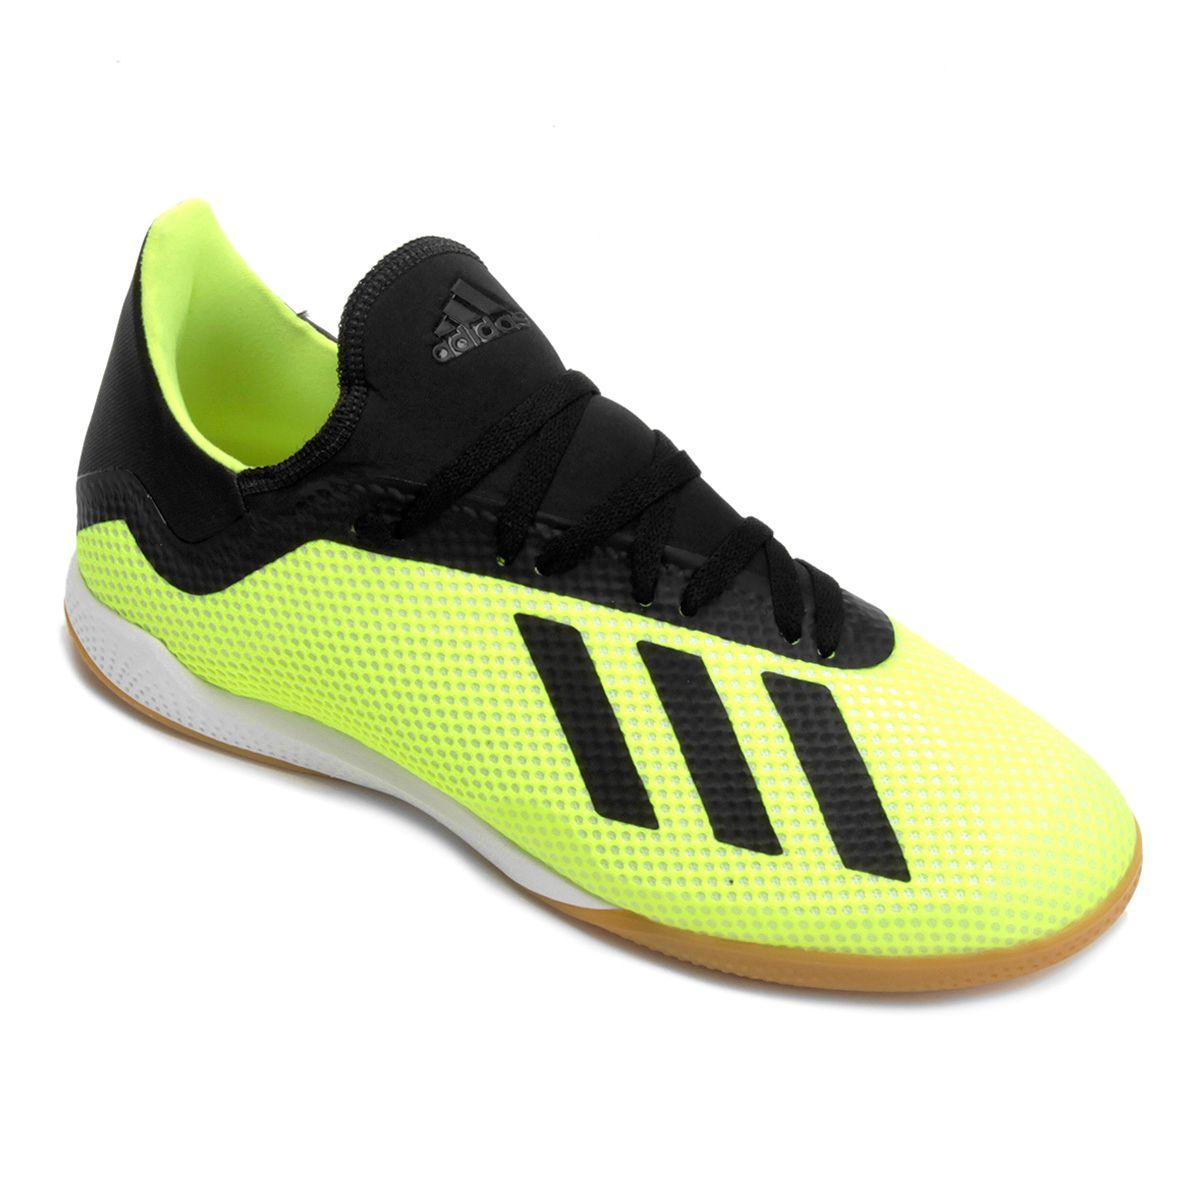 Chuteira Futsal Adidas x Tango 18.3 In